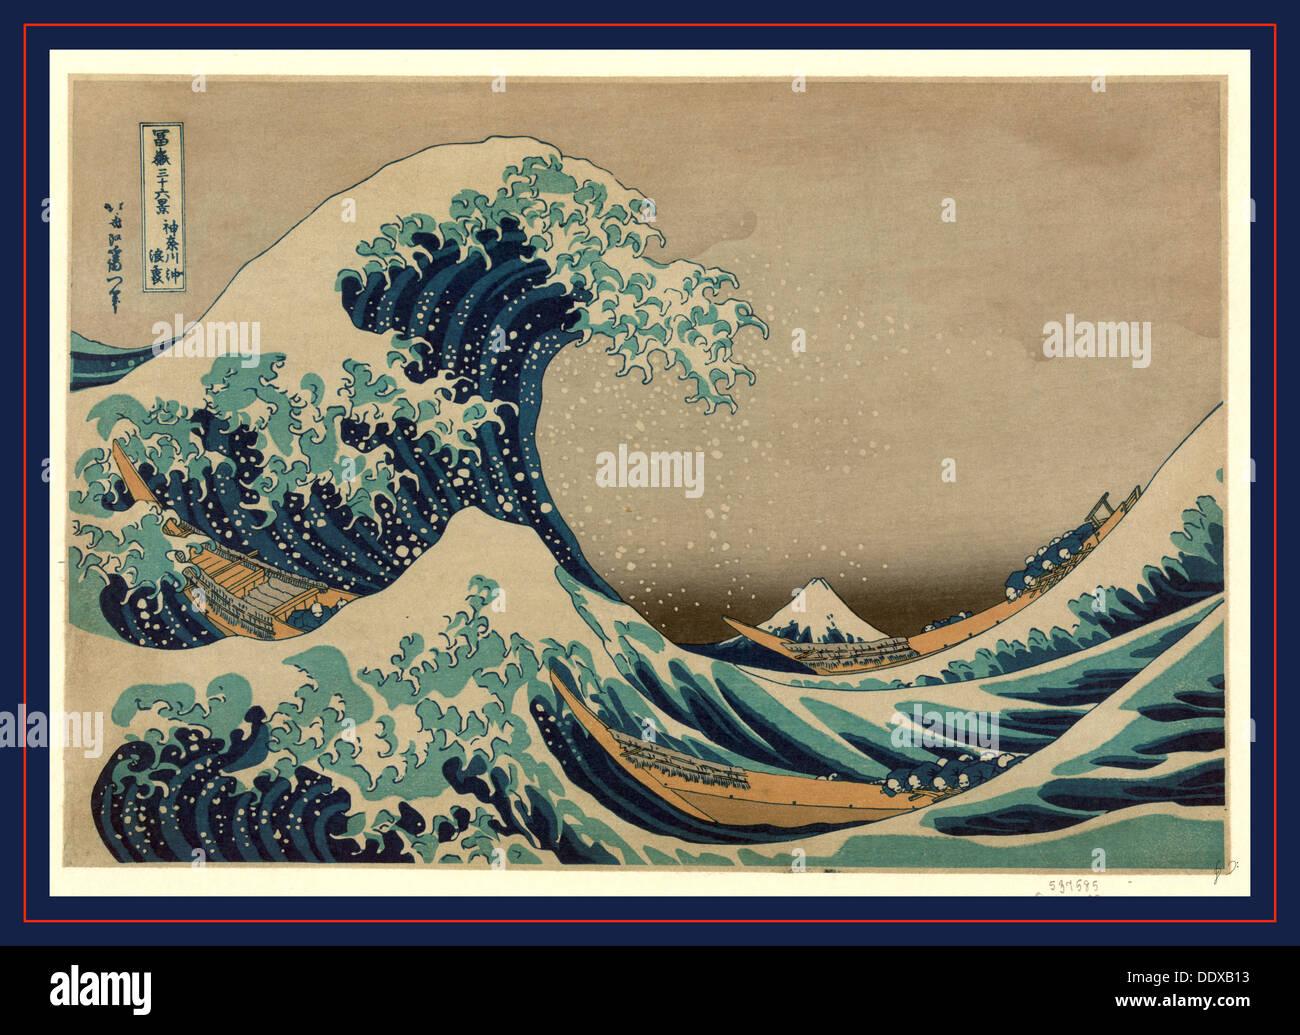 Kanagawa Oki Nami ura, die große Welle vor der Küste von Kanagawa. [zwischen 1826 und 1833, später gedruckt], 1 Stockfoto